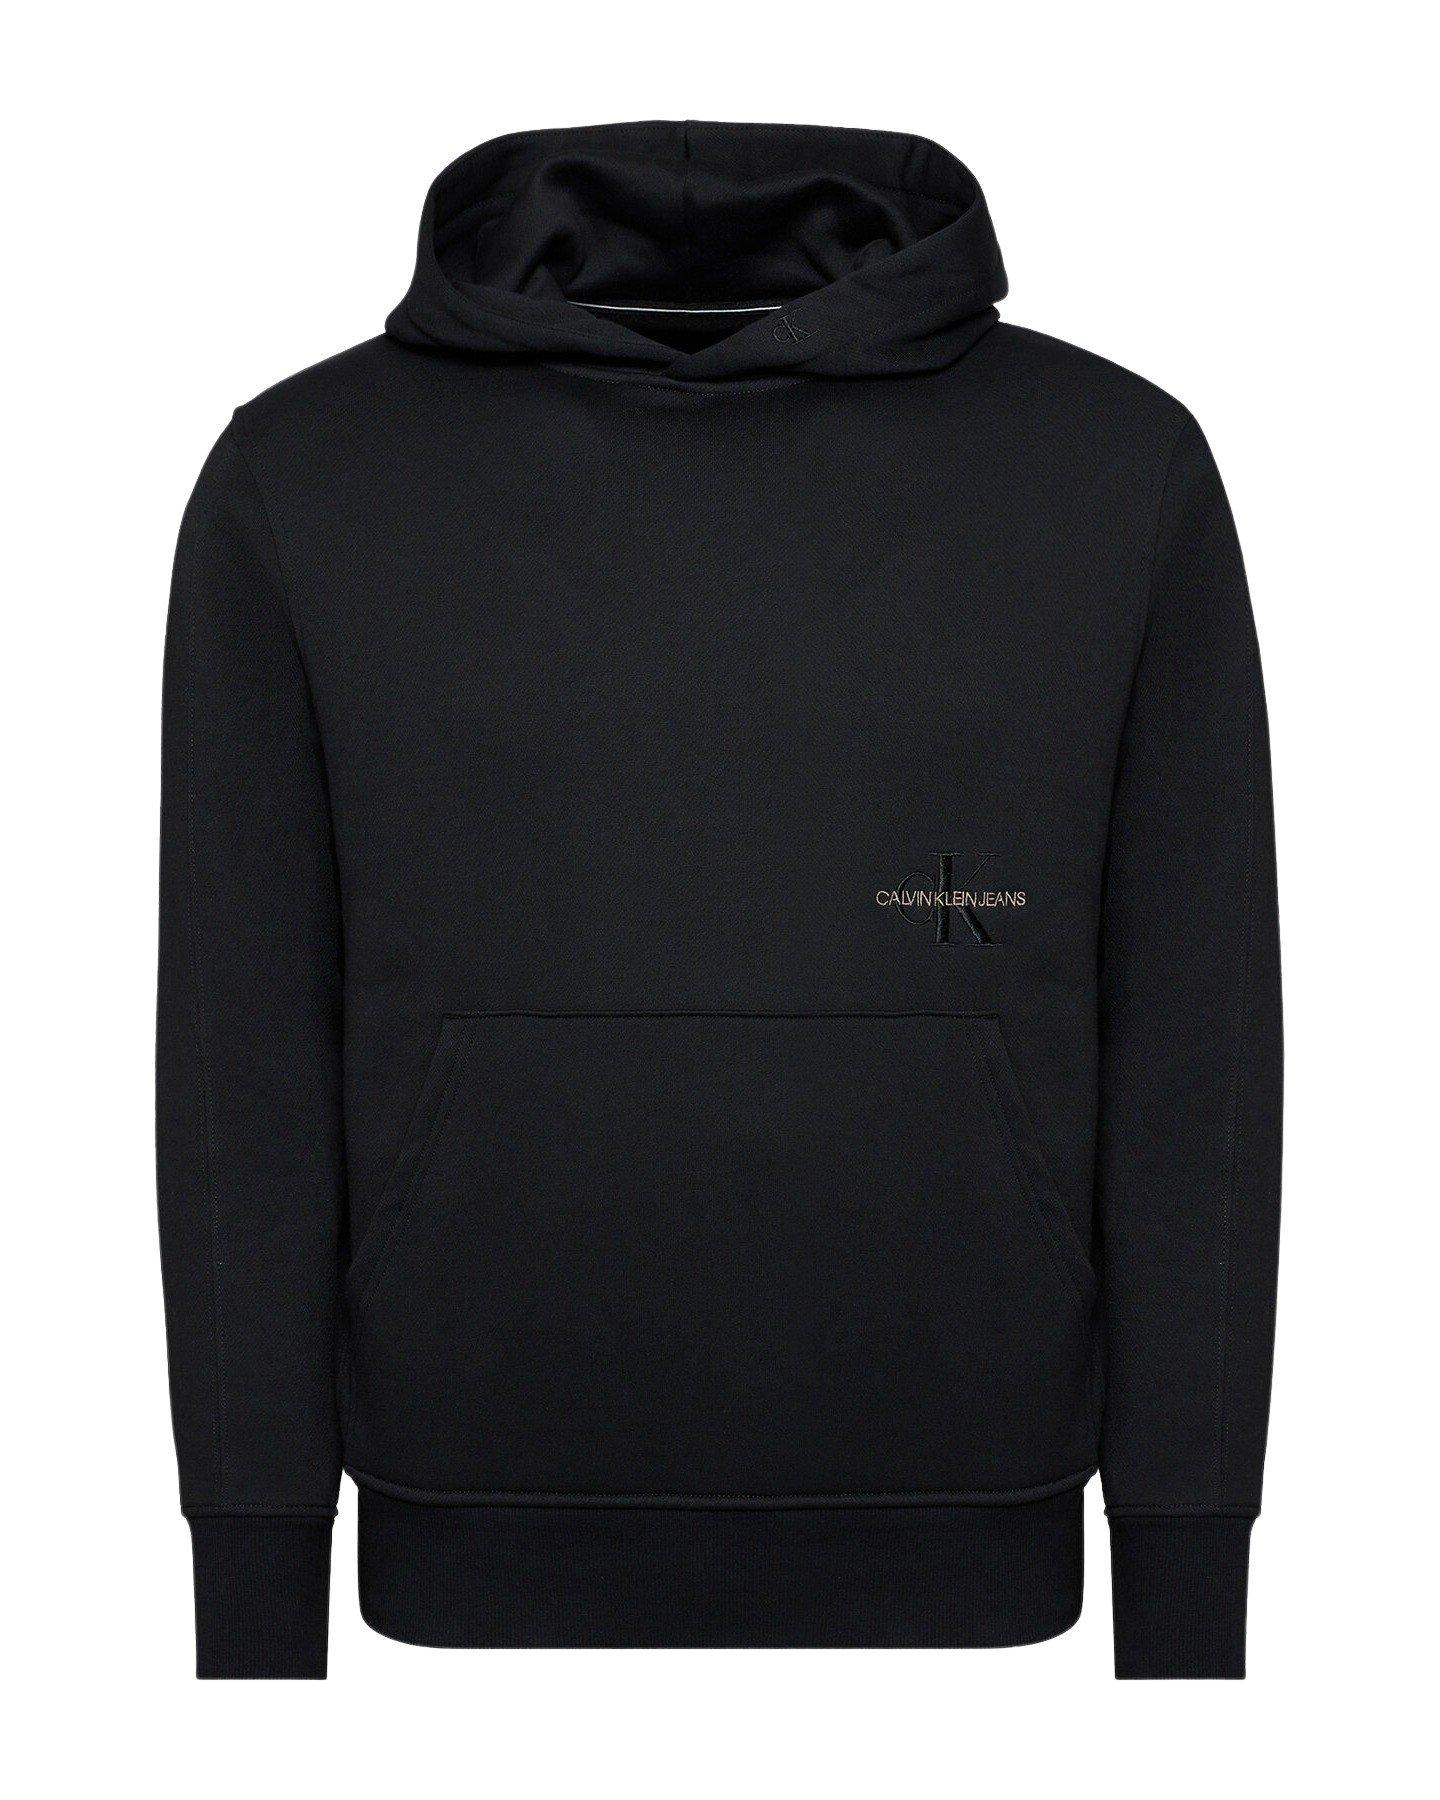 Calvin Klein Jeans Women Sweatshirt Various Colours 299915 - black-4 XS